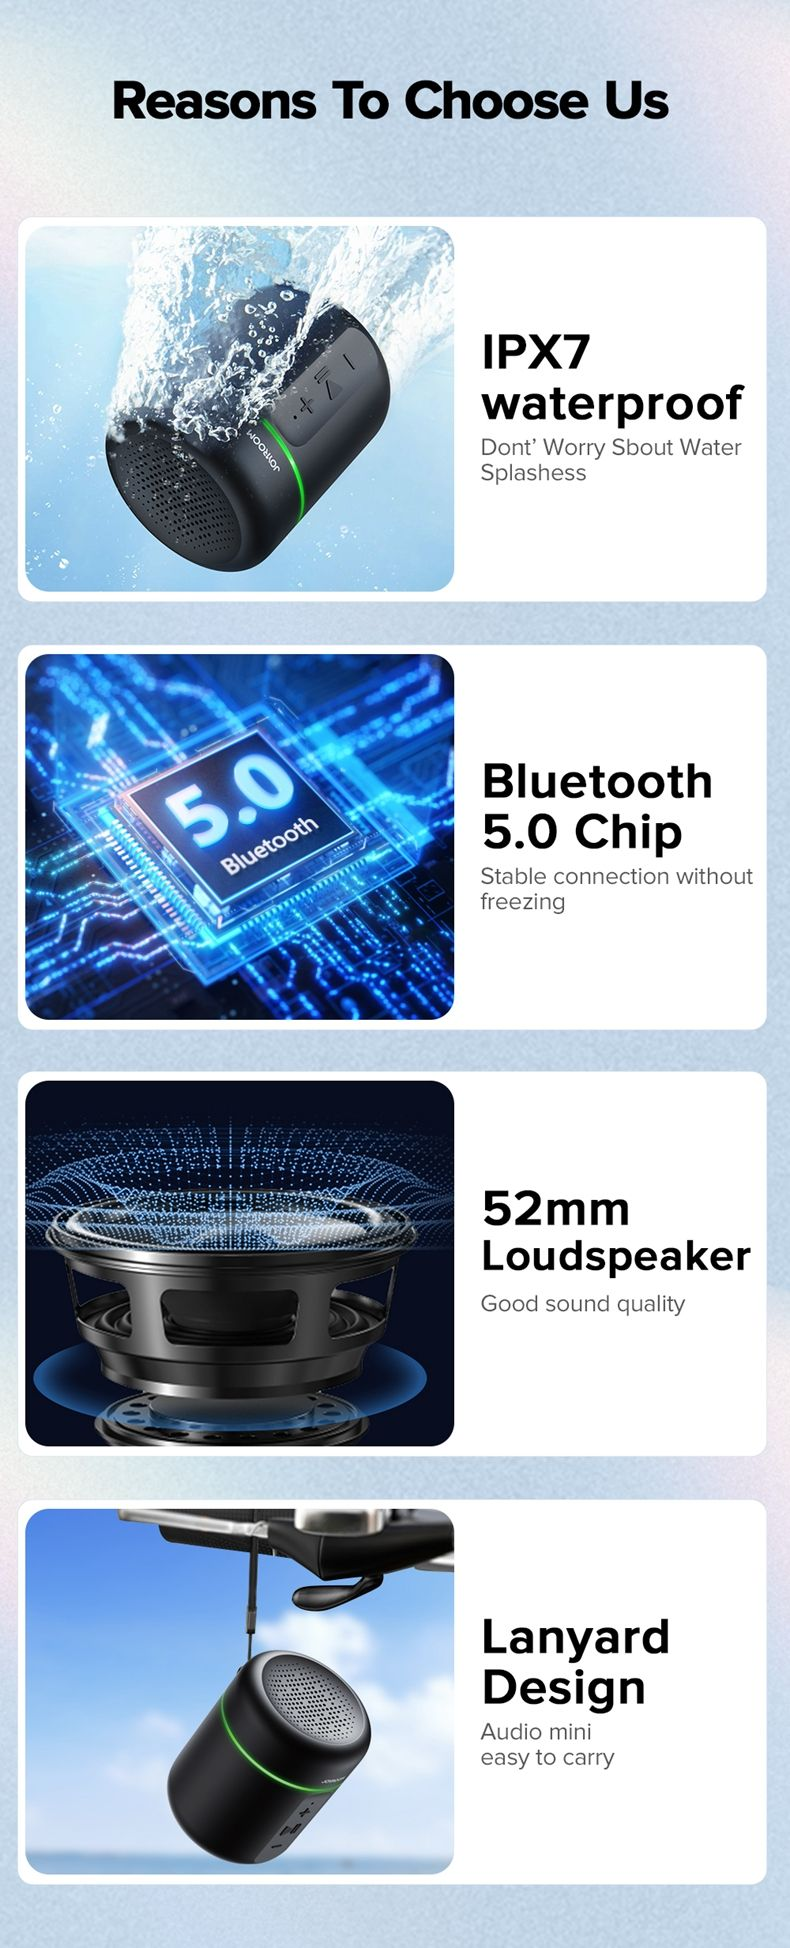 Joyroom Jr Ml02 Ipx7 Waterproof Bluetooth Speaker Wireless (4)